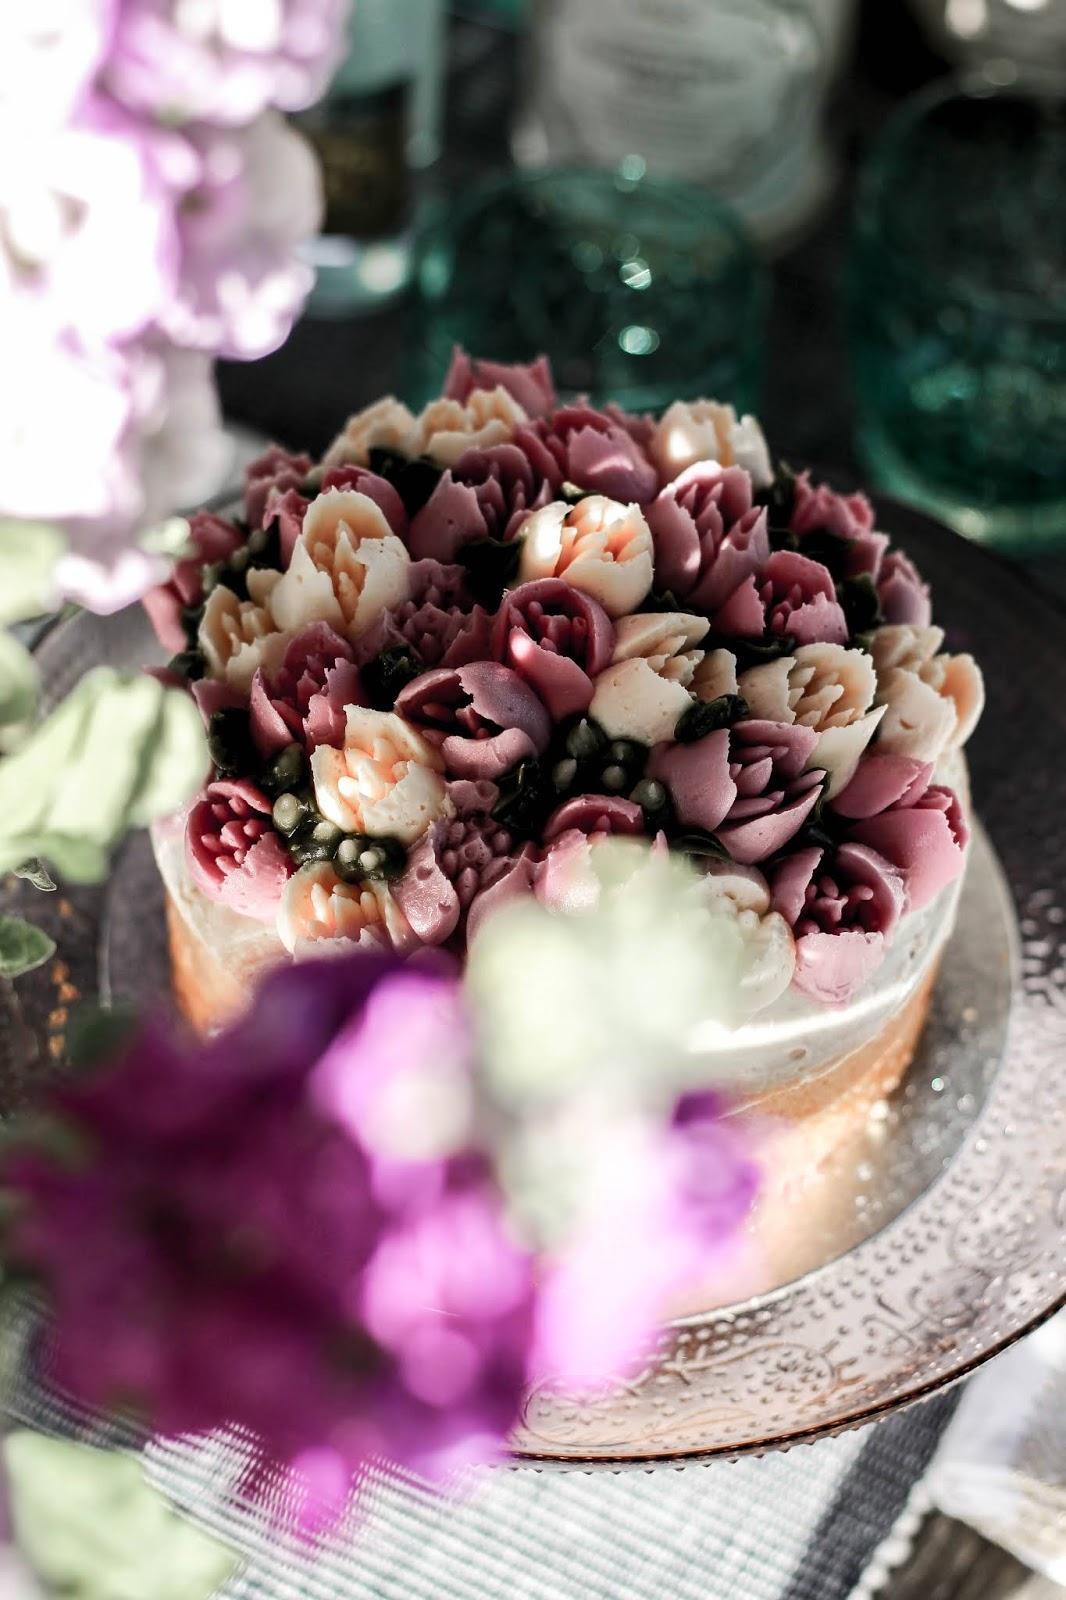 M&S Chelsea Flower Show Festival Cake 2018